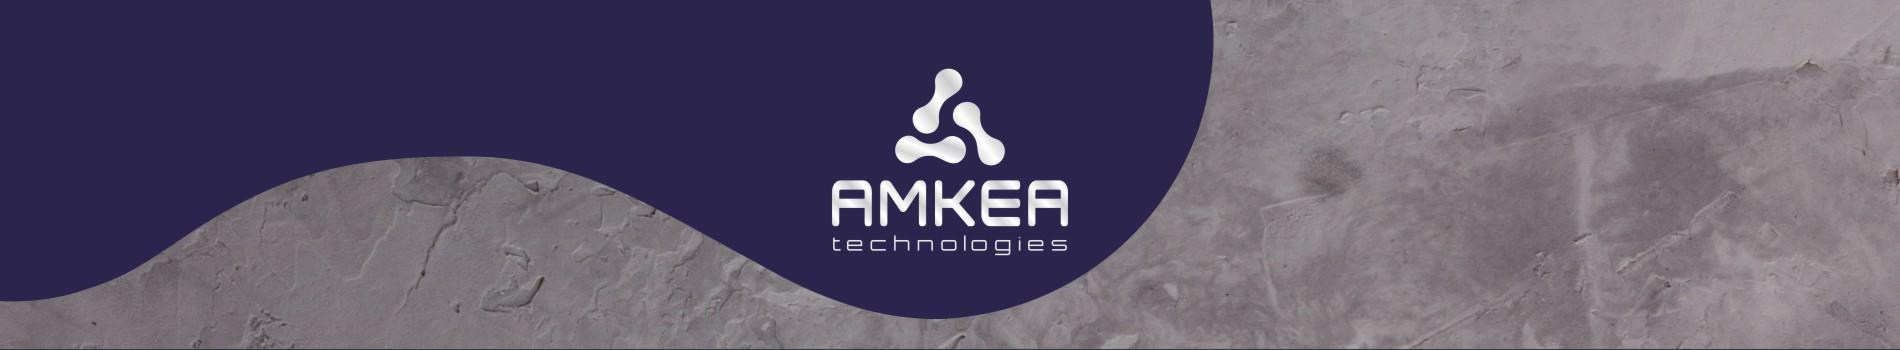 Αμκέα Δομικά υλικά νάνοτεχνολογίας logo